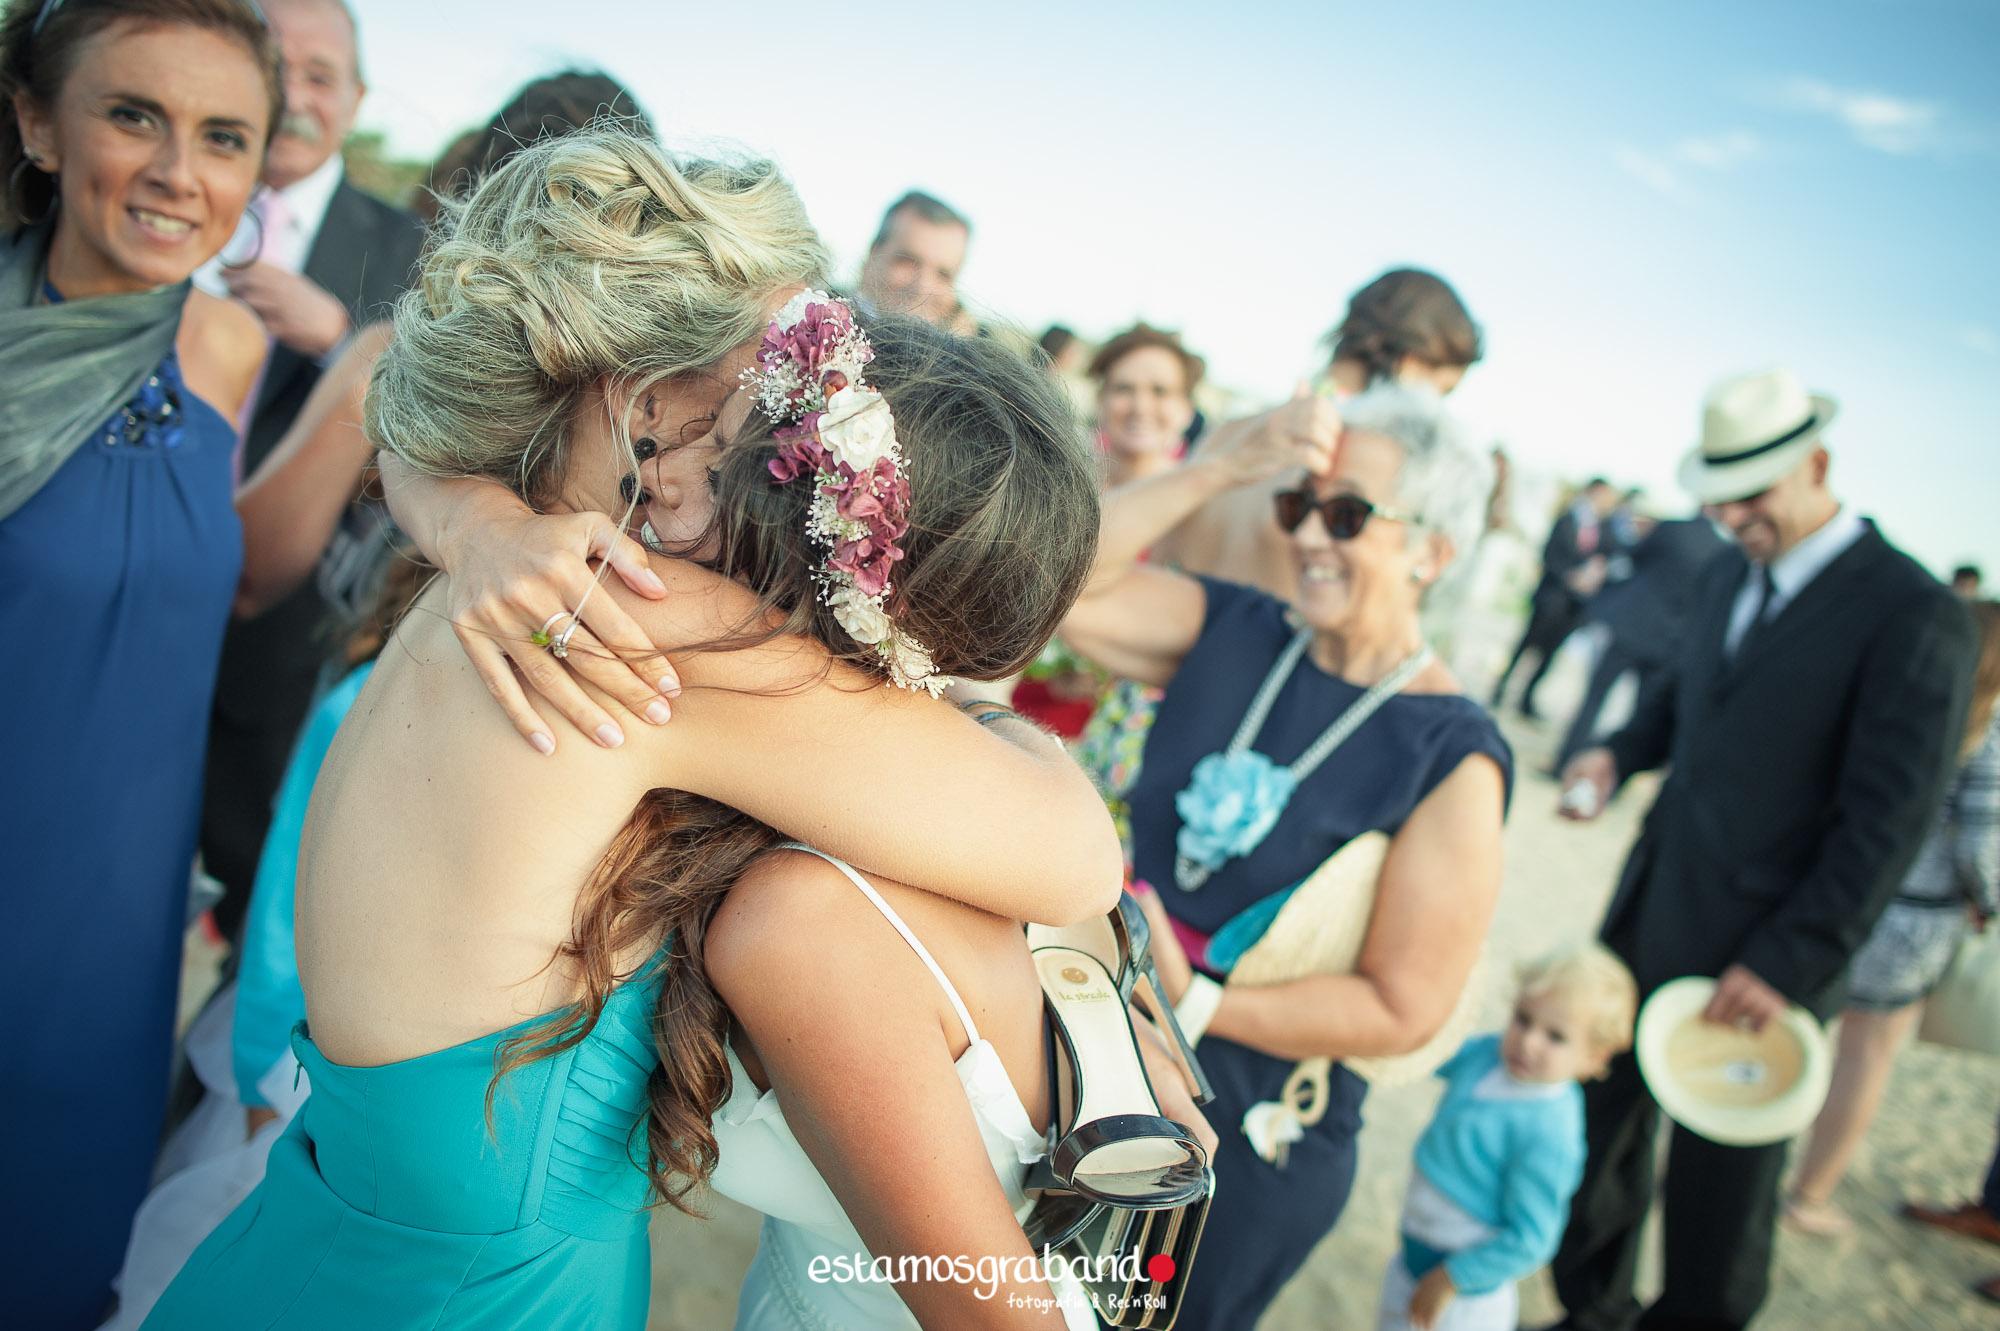 LARA-Y-MIGUE-BACK-TO-DE-THE-WEDDING-8-3 Los invitados de Lara & Migue [Back to the wedding_Club de Golf Costa Ballena] - video boda cadiz